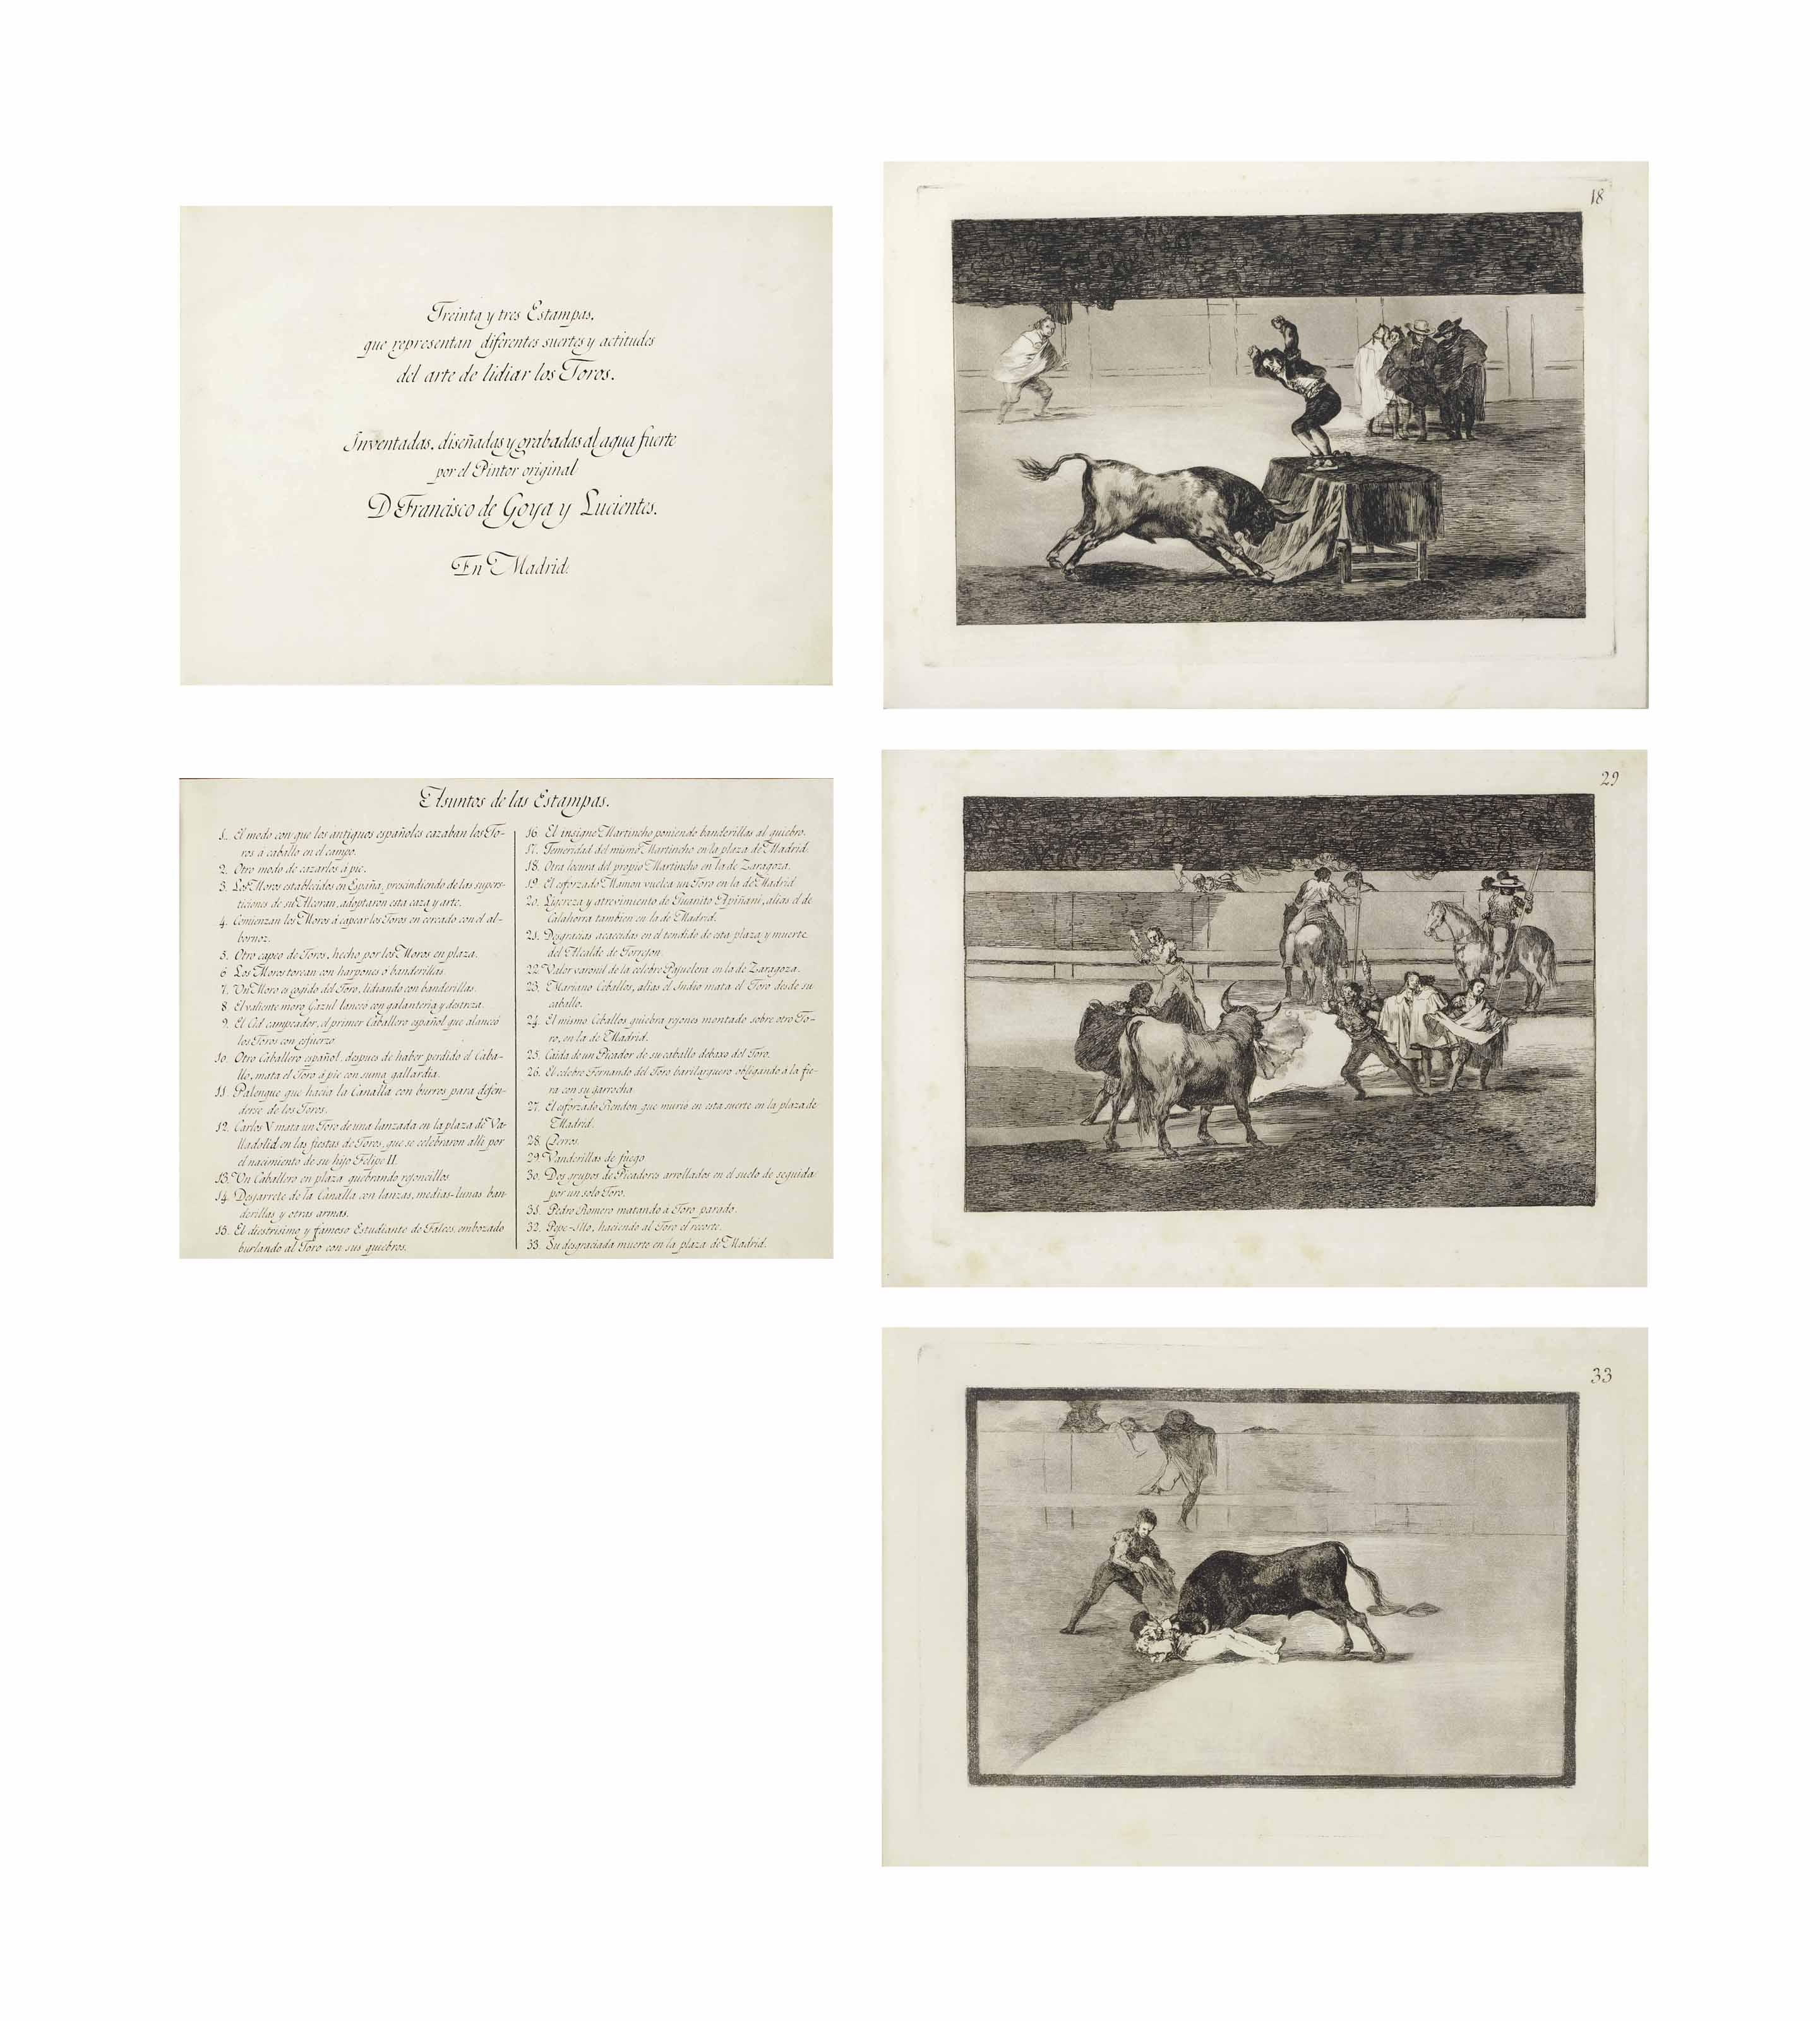 GOYA Y LUCIENTES, Francisco  (1746-1828). [La Tauromaquia] Treinta y tres Estampas, que representan diferentes suertes y actitudes del arte de lidiar los Toros. Madrid: [probably Rafael Esteve for the artist, 1816].